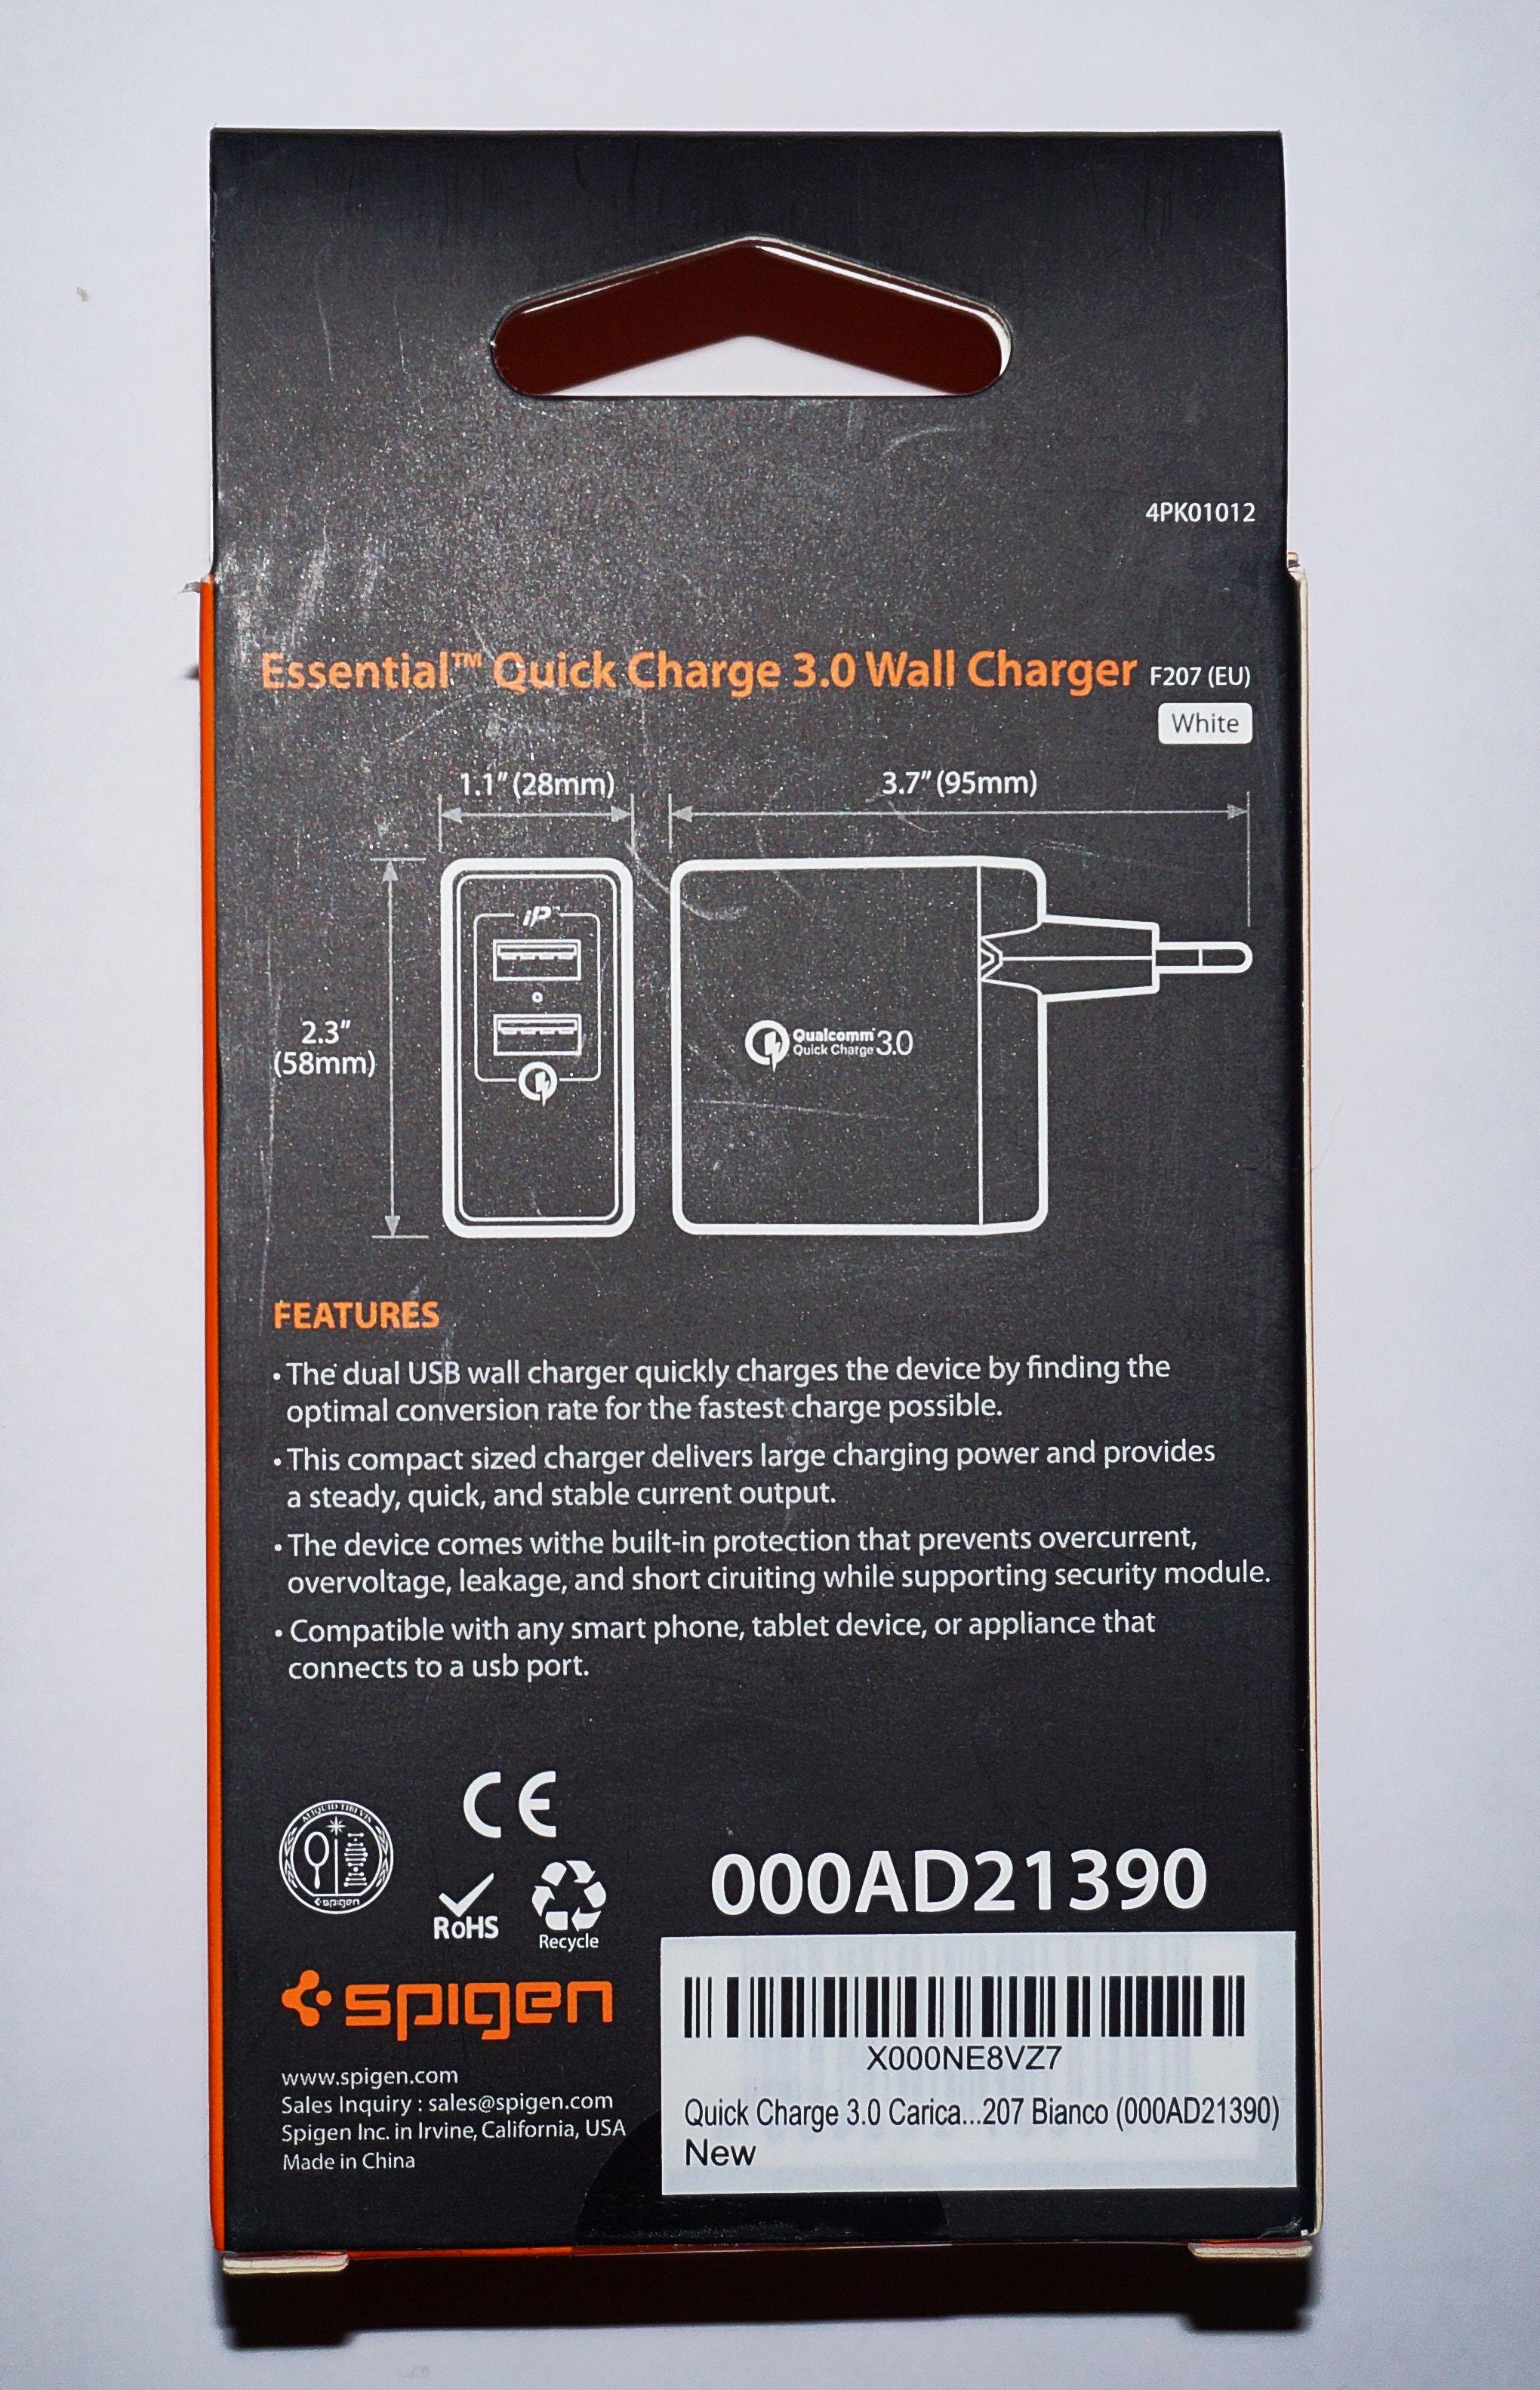 Caricatore da muro Spigen, Quick Charge 3.0, la recensione